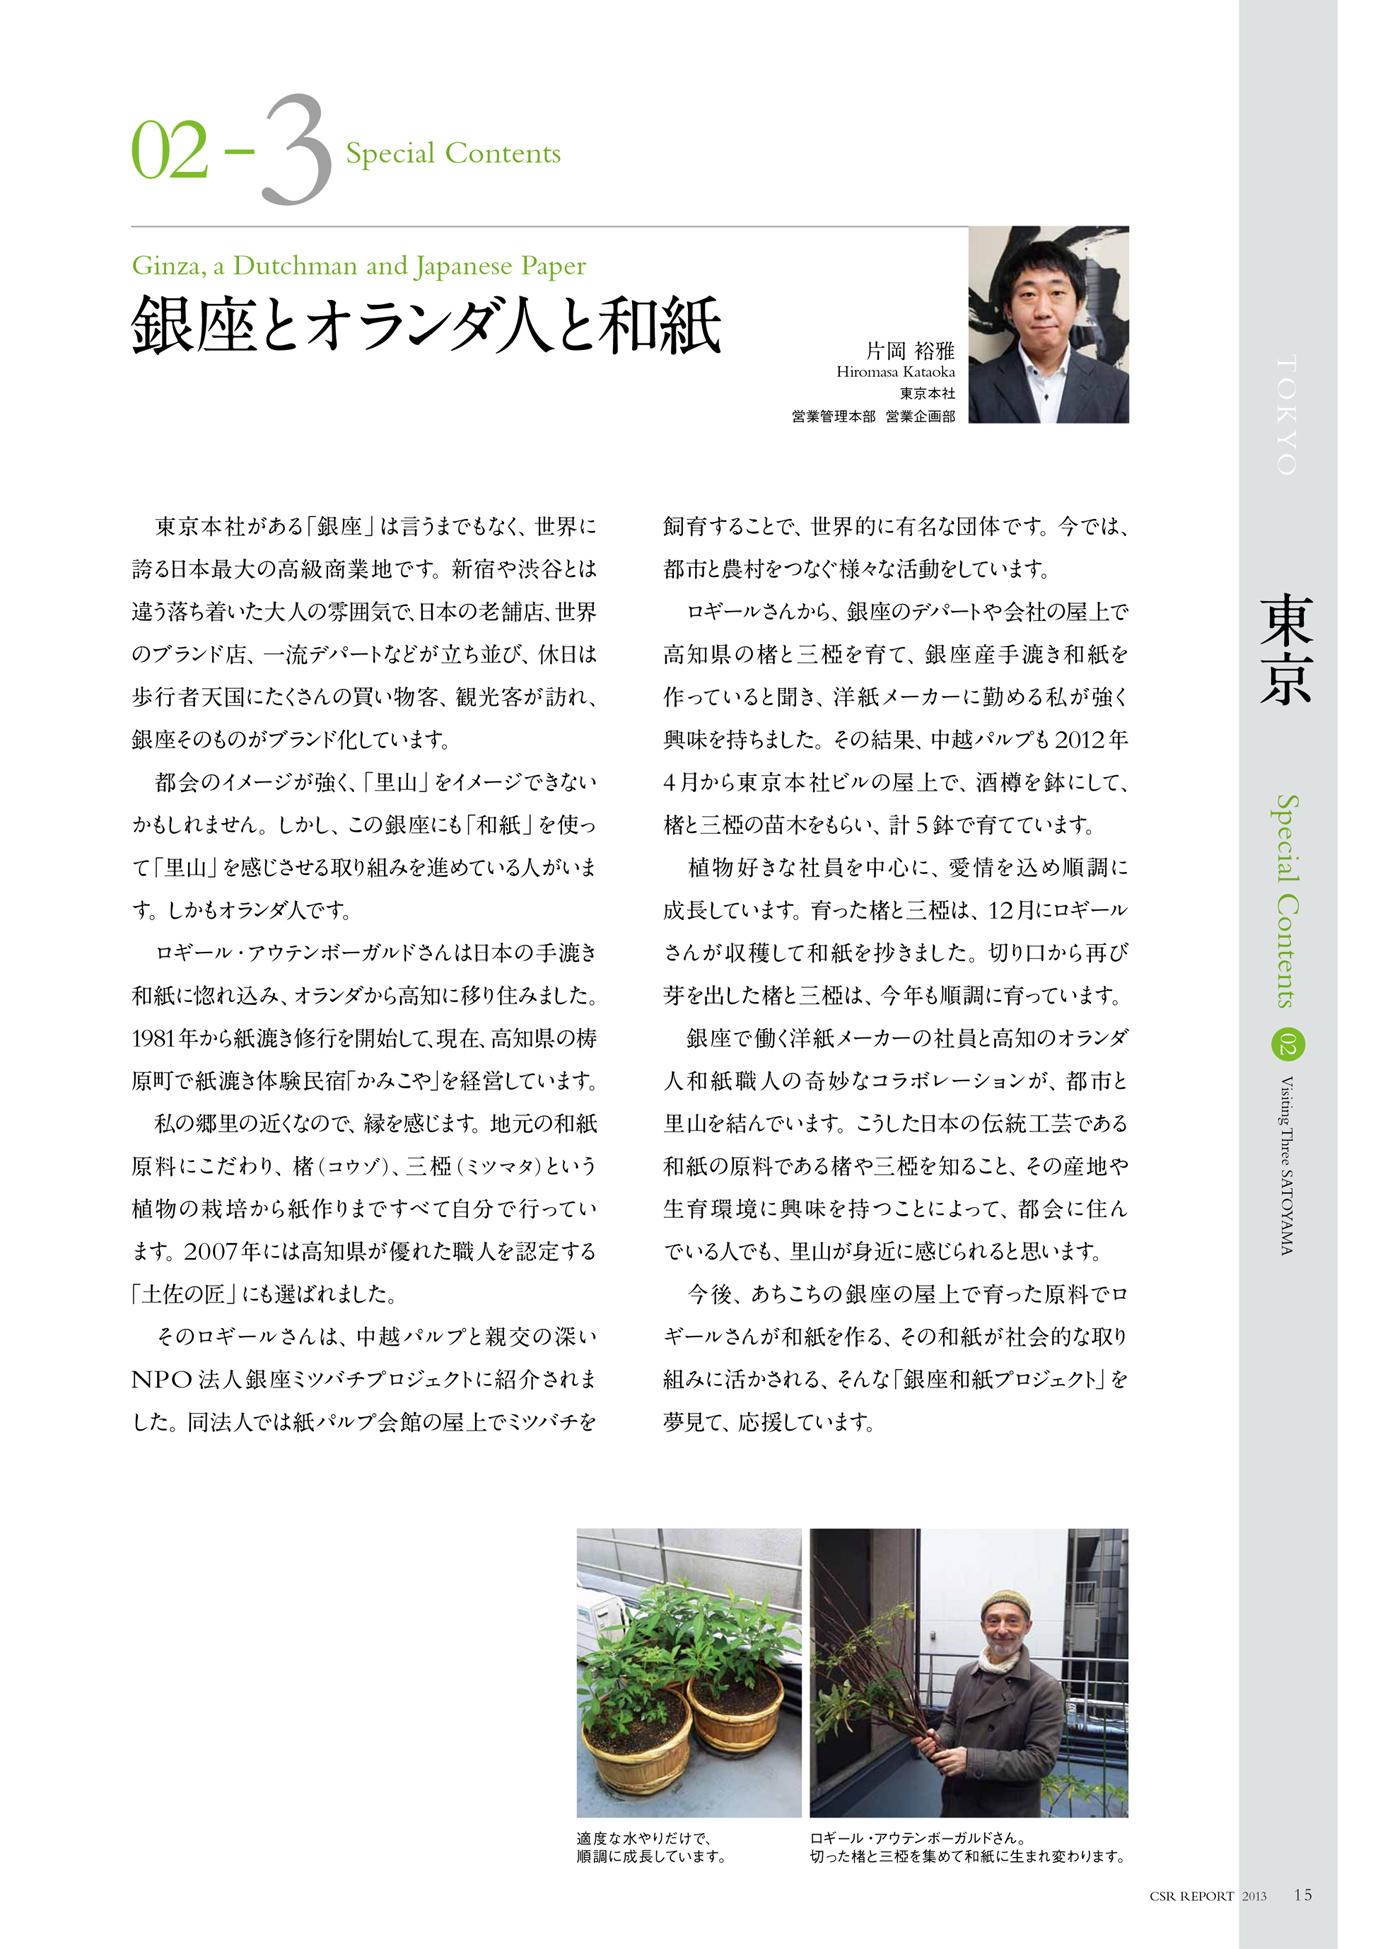 中越パルプcsr2013記事